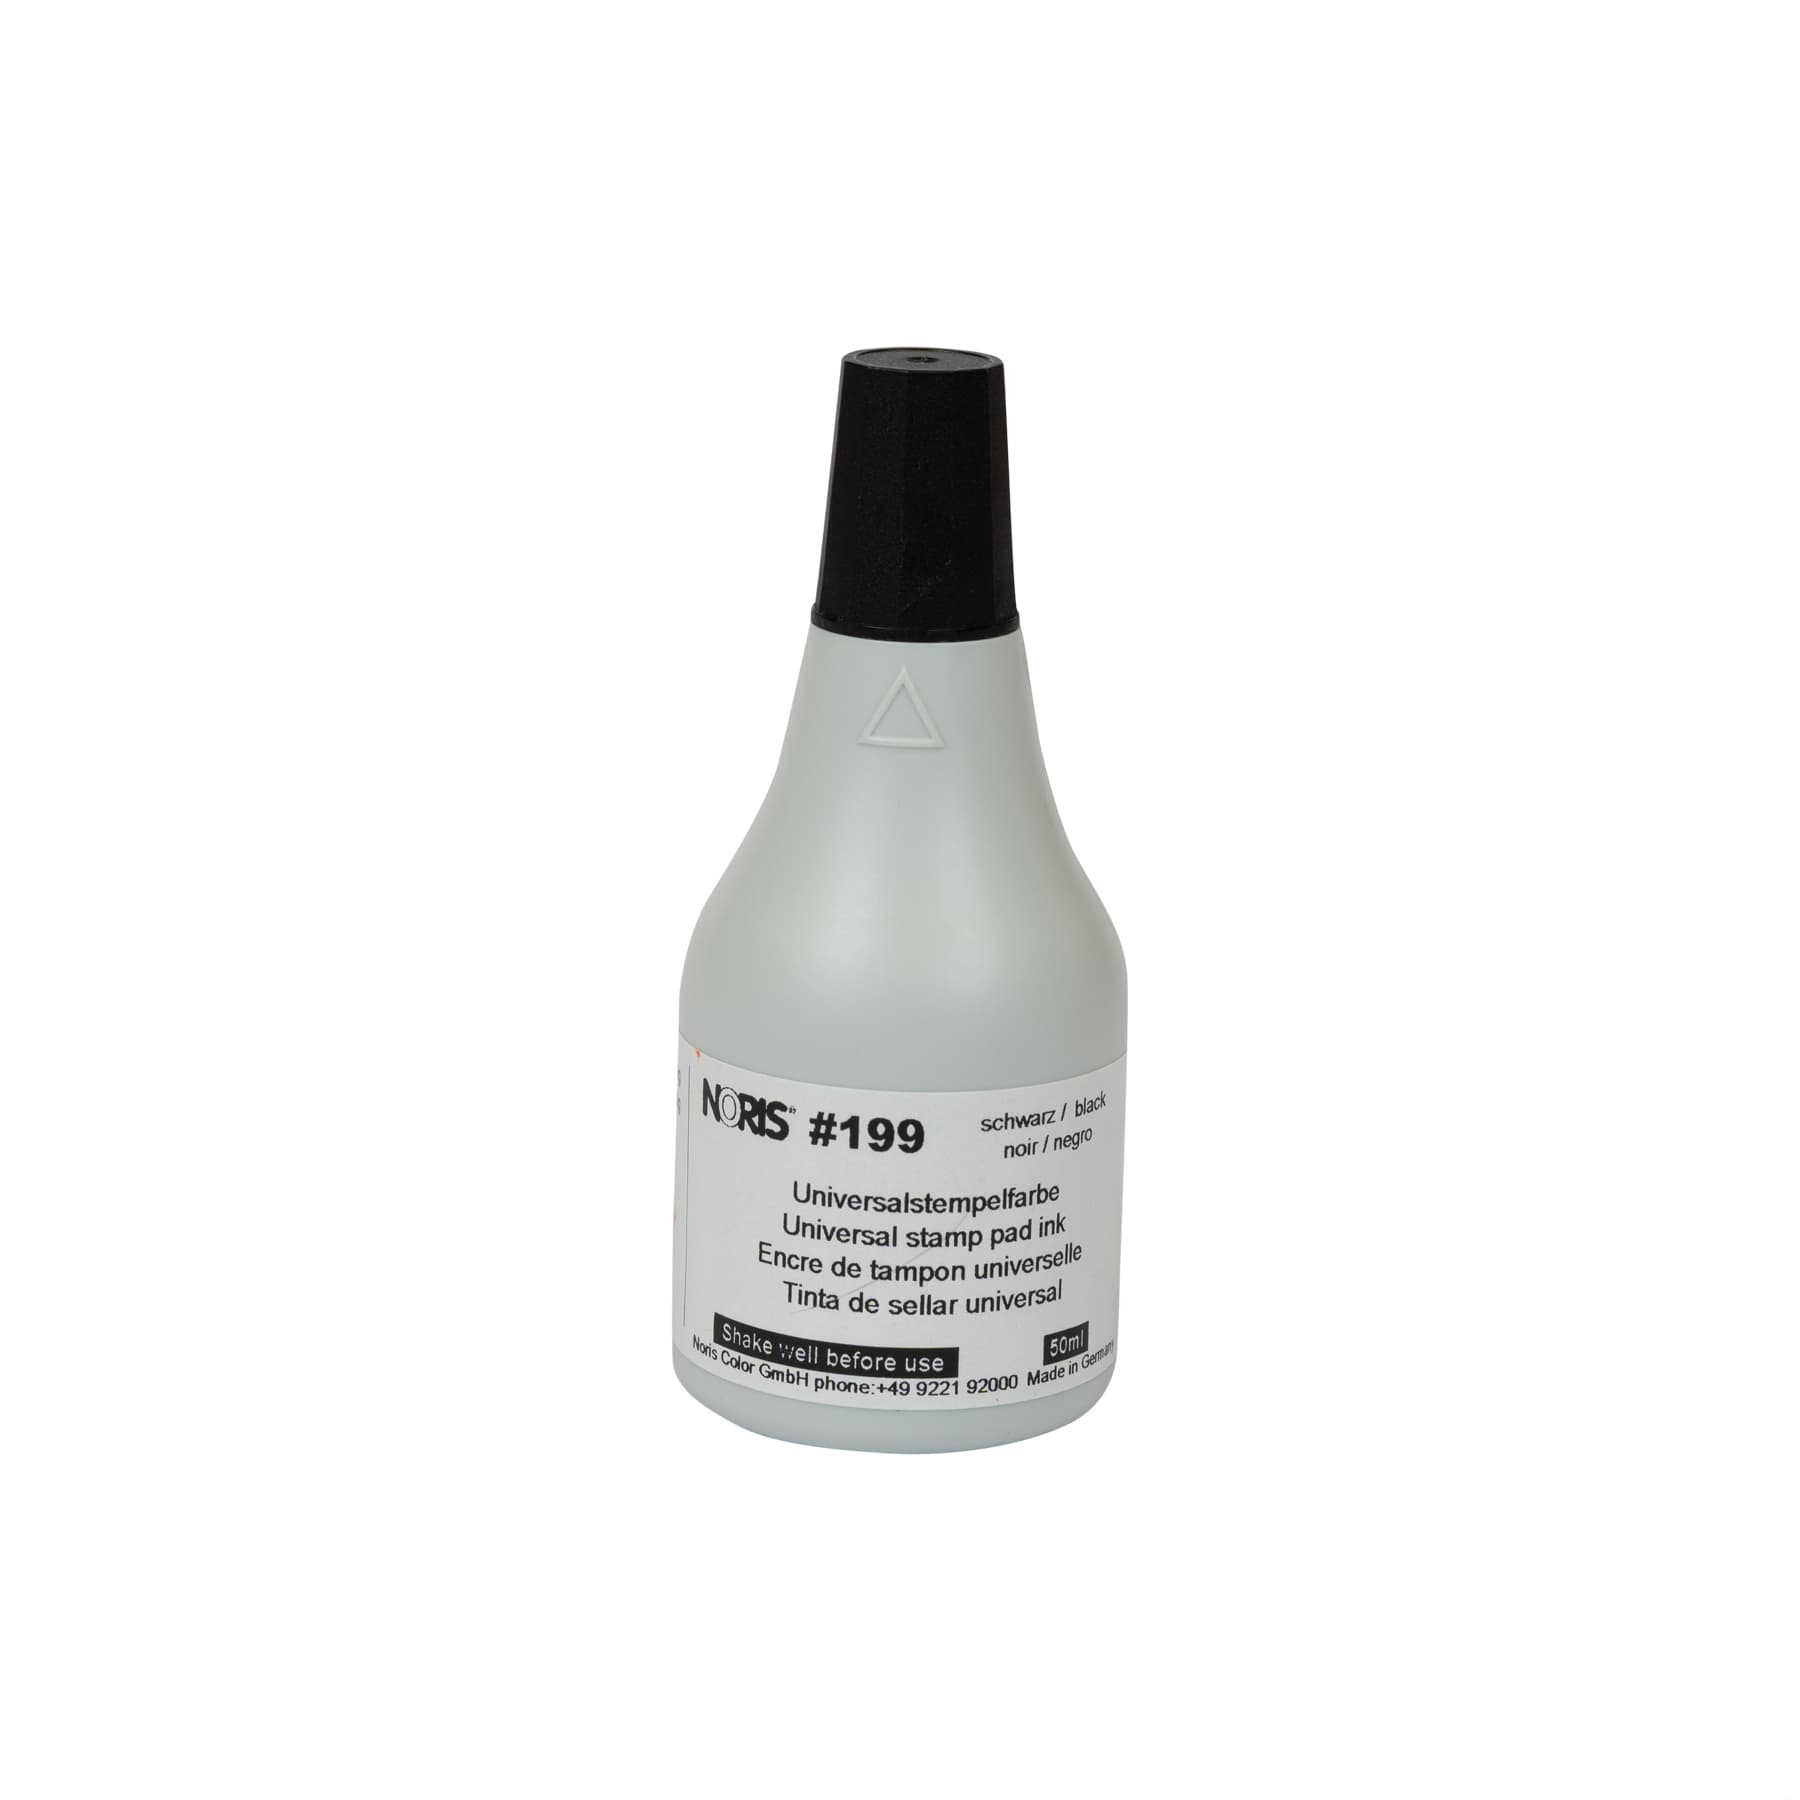 Stempelfarbe 199 schwarz  50 ml schnell trocknend (50 Sekunden) wasserfest,